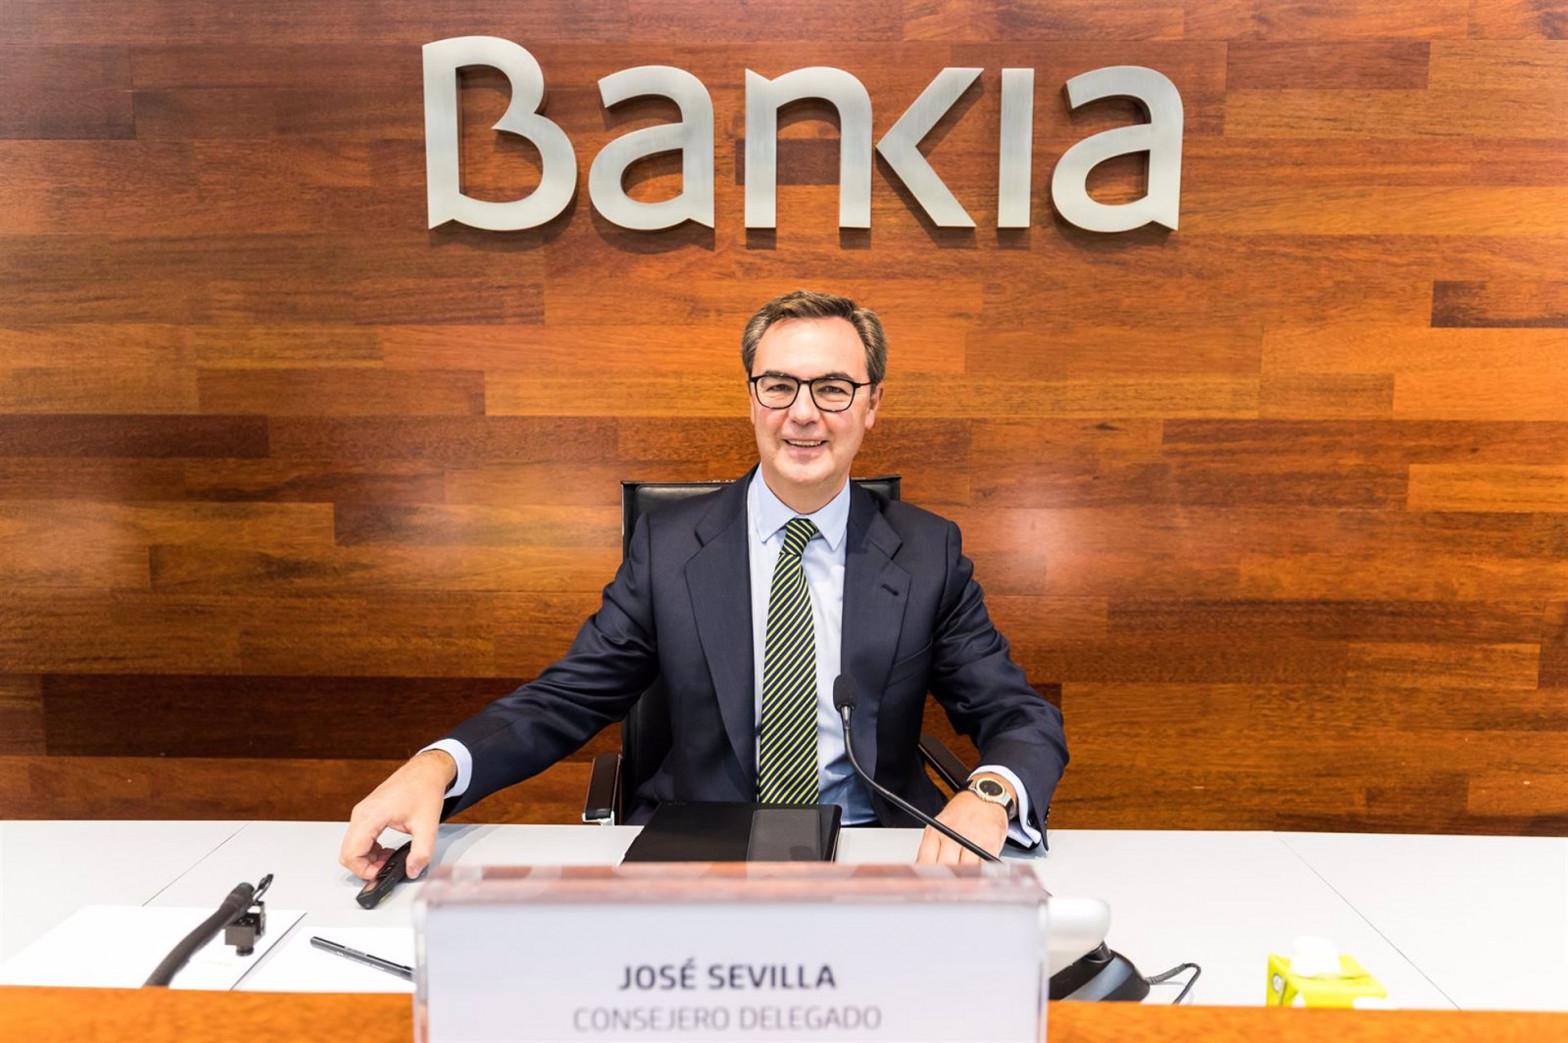 José Sevilla y otros directivos dejarán Bankia tras la fusión con CaixaBank